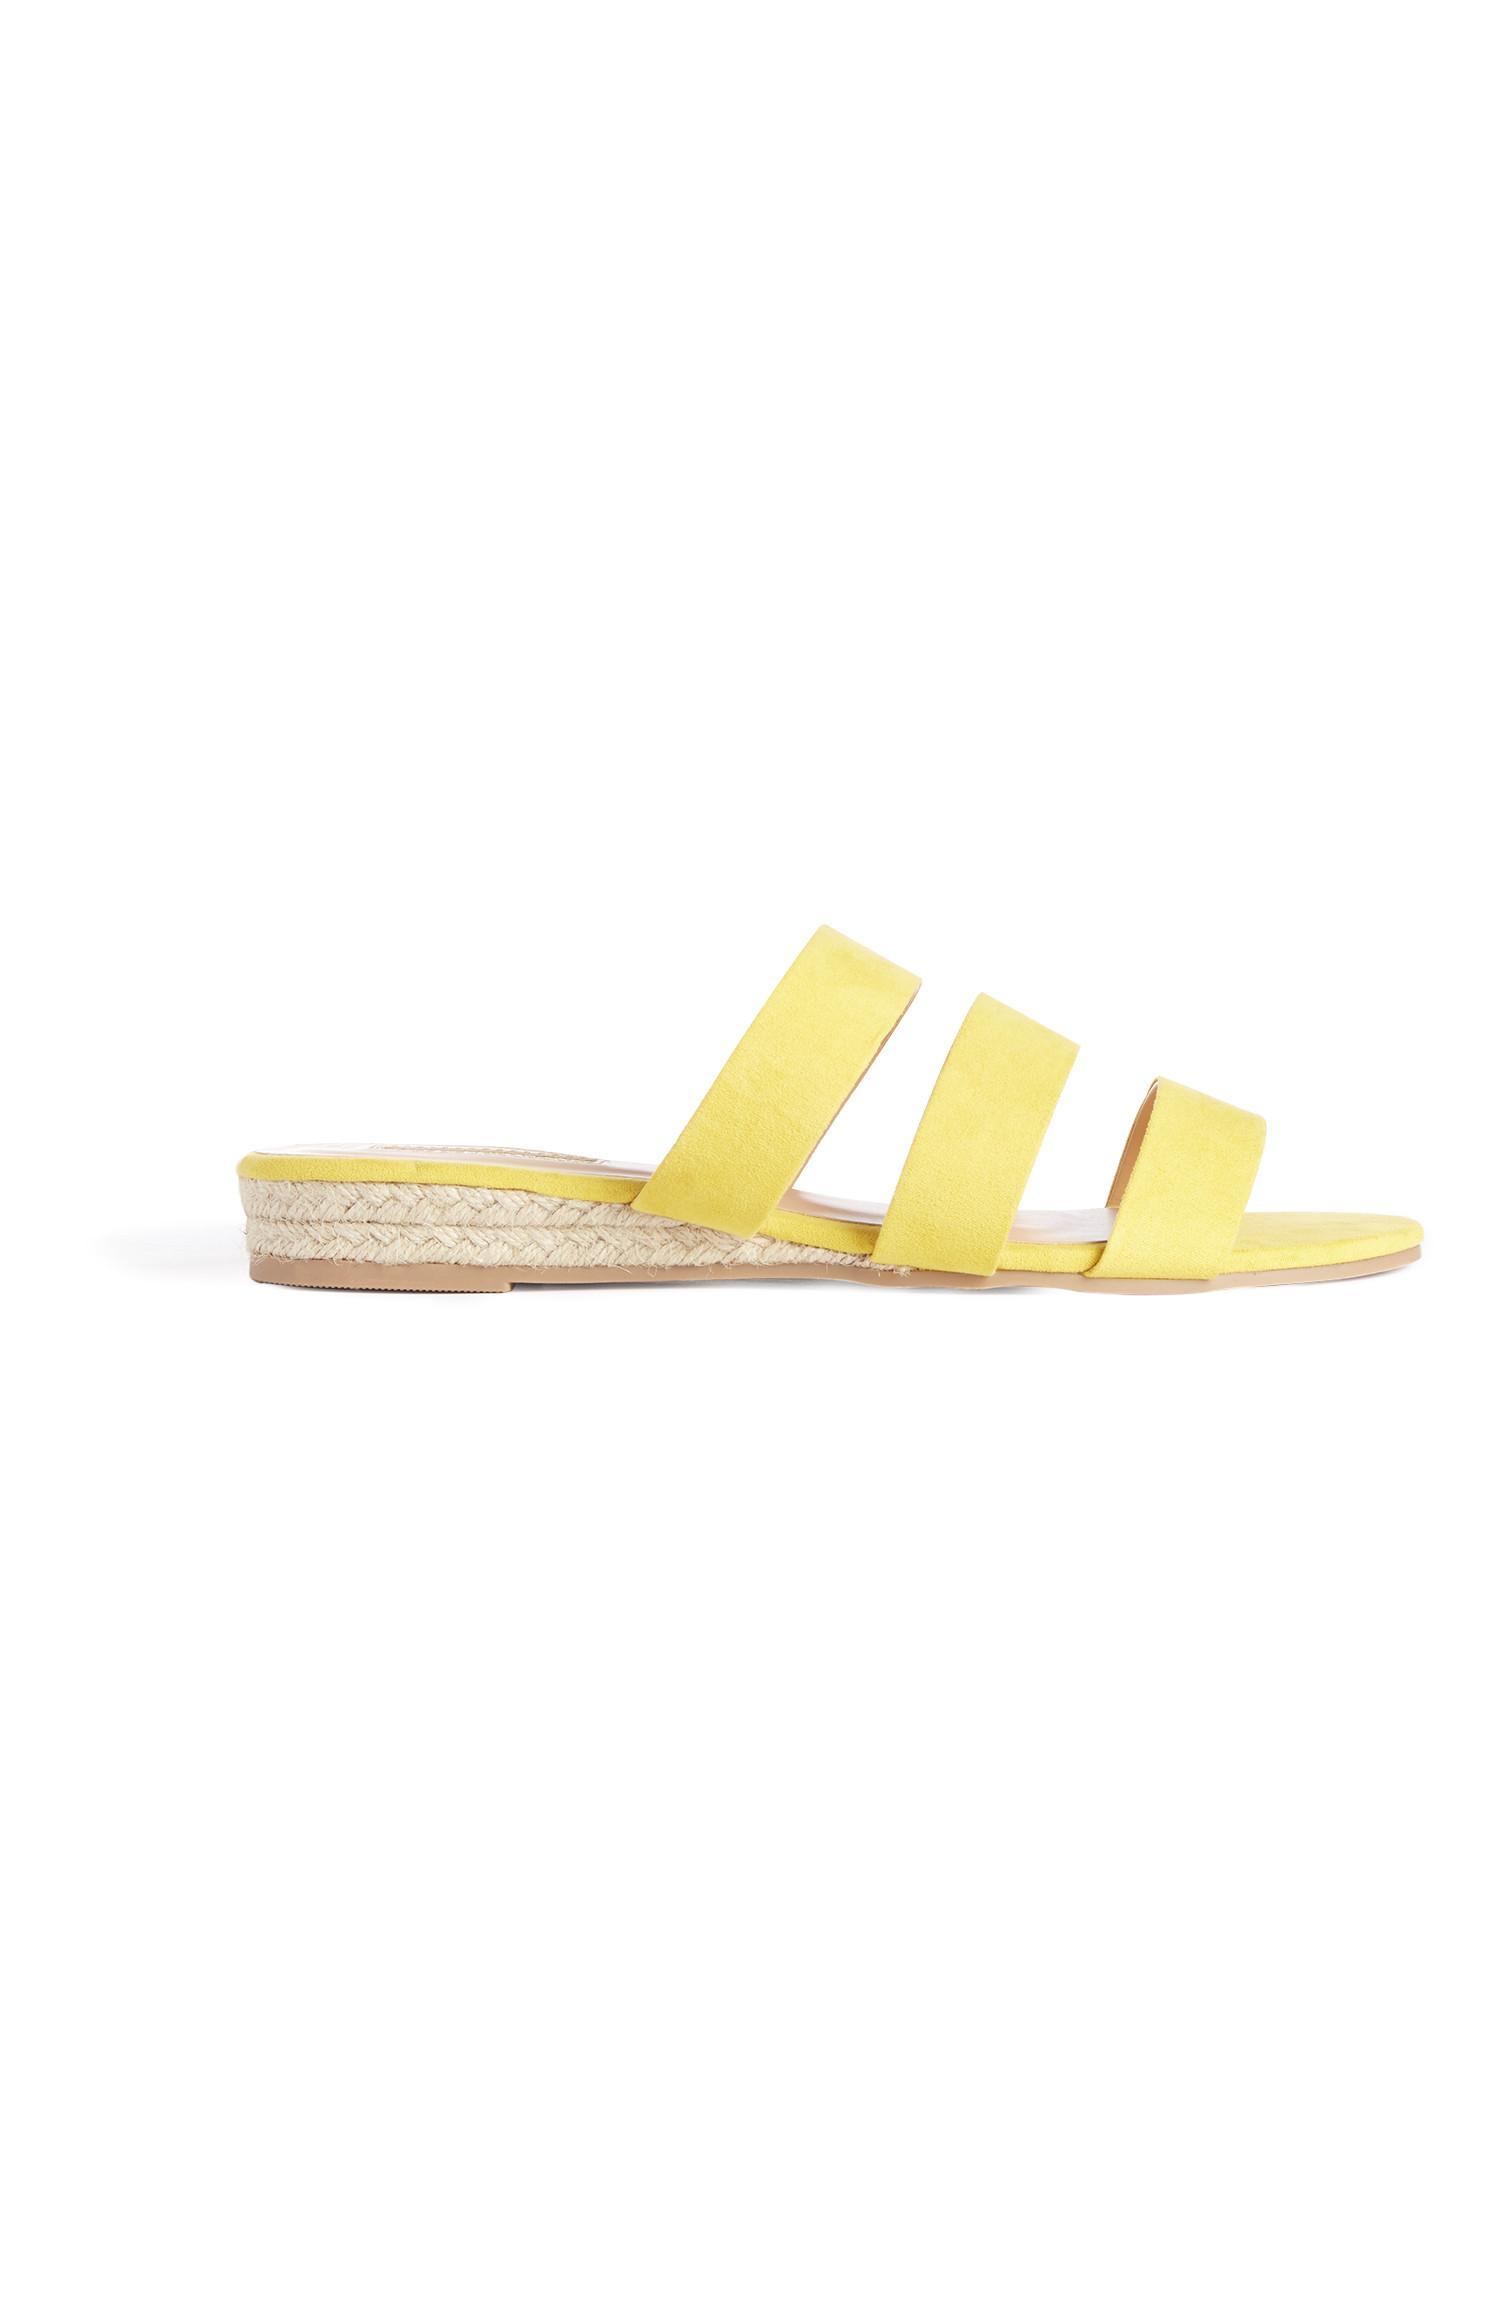 Yellow Strap Sandal